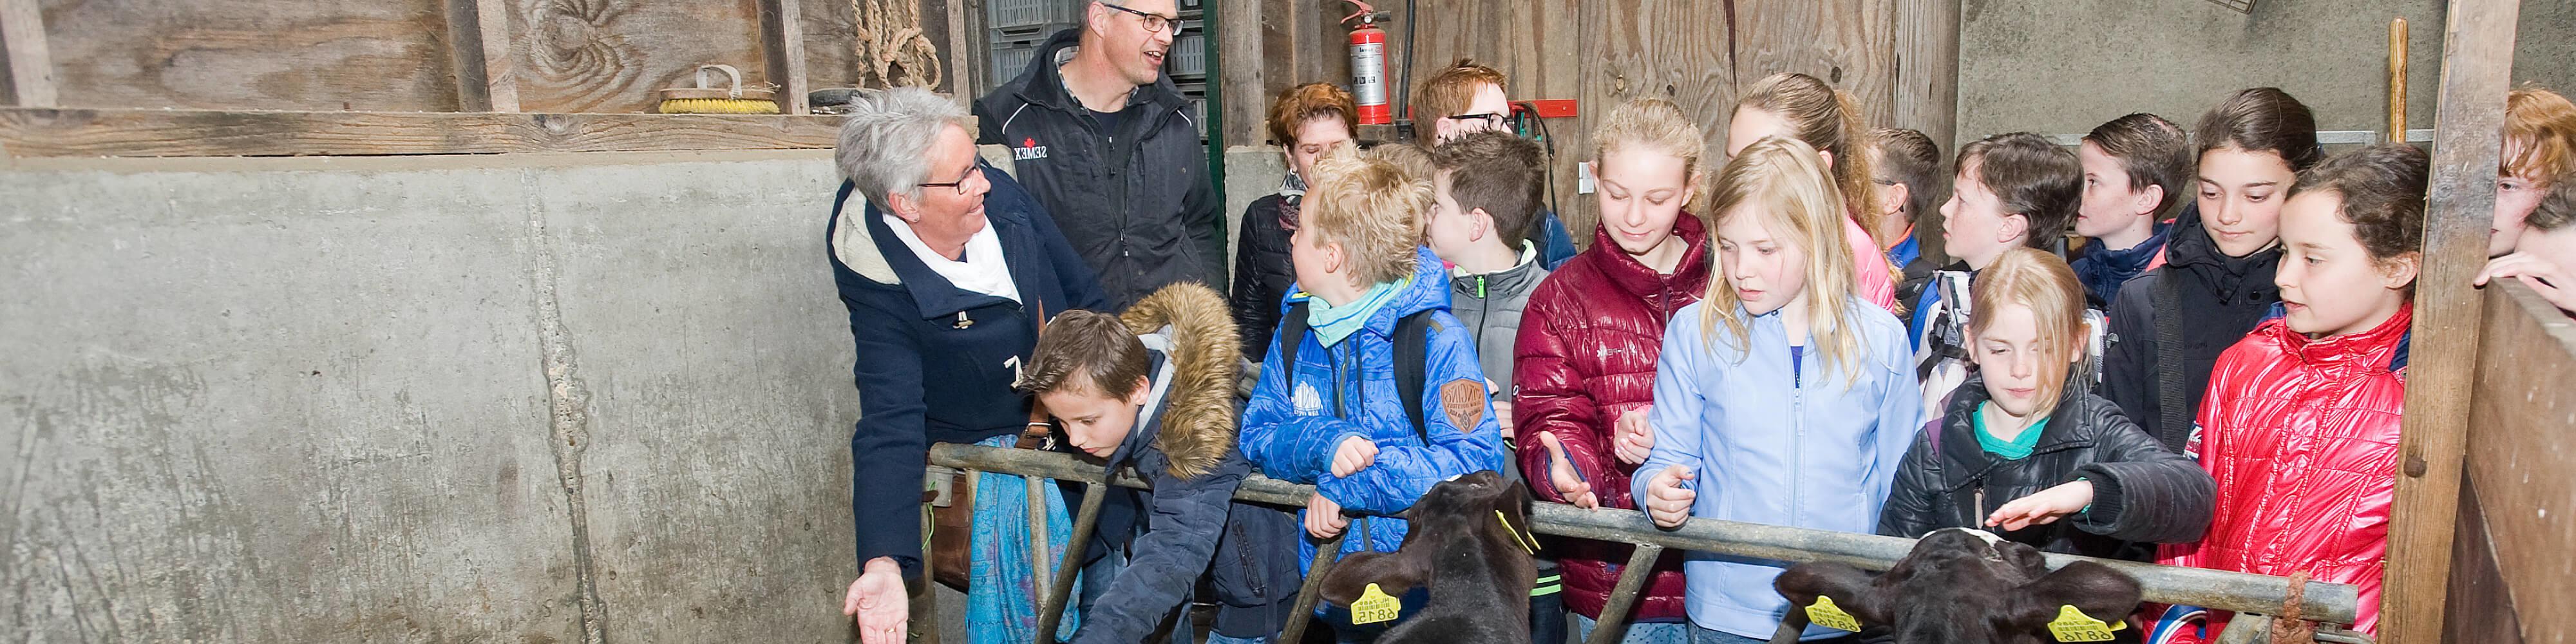 Op boerderij excursie met de klas